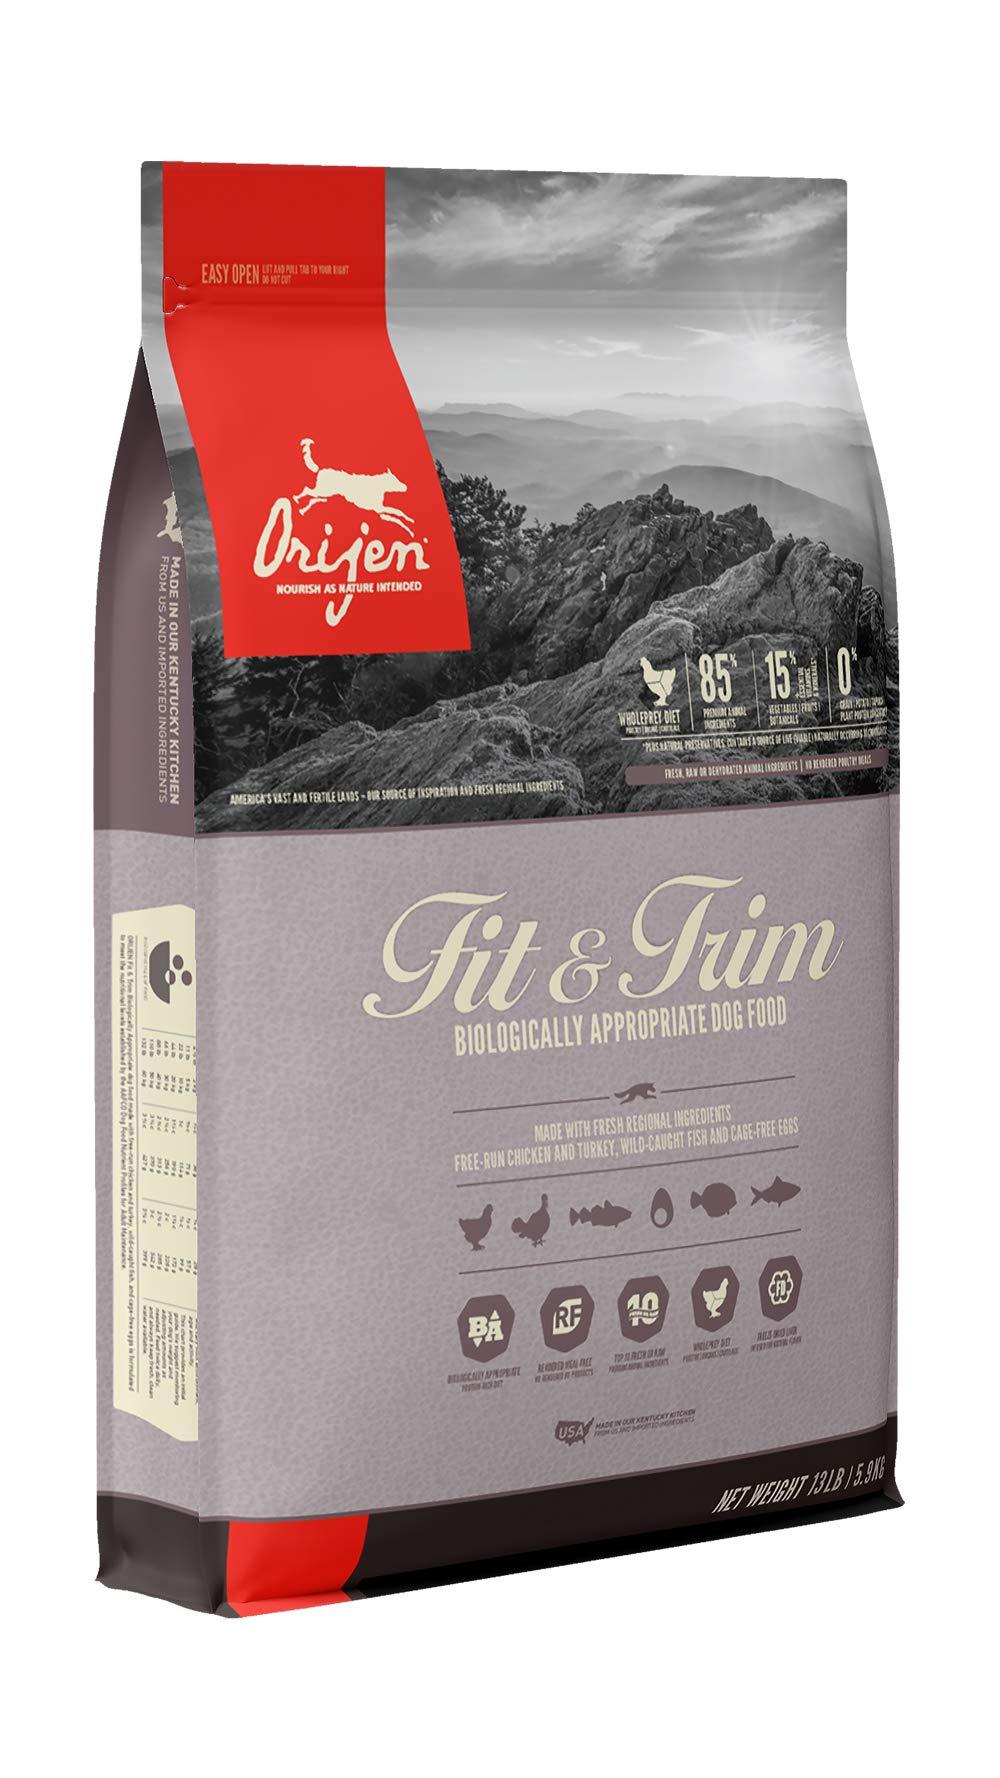 ORIJEN Dry Dog Food, Fit & Trim, Biologically Appropriate & Grain Free by Orijen